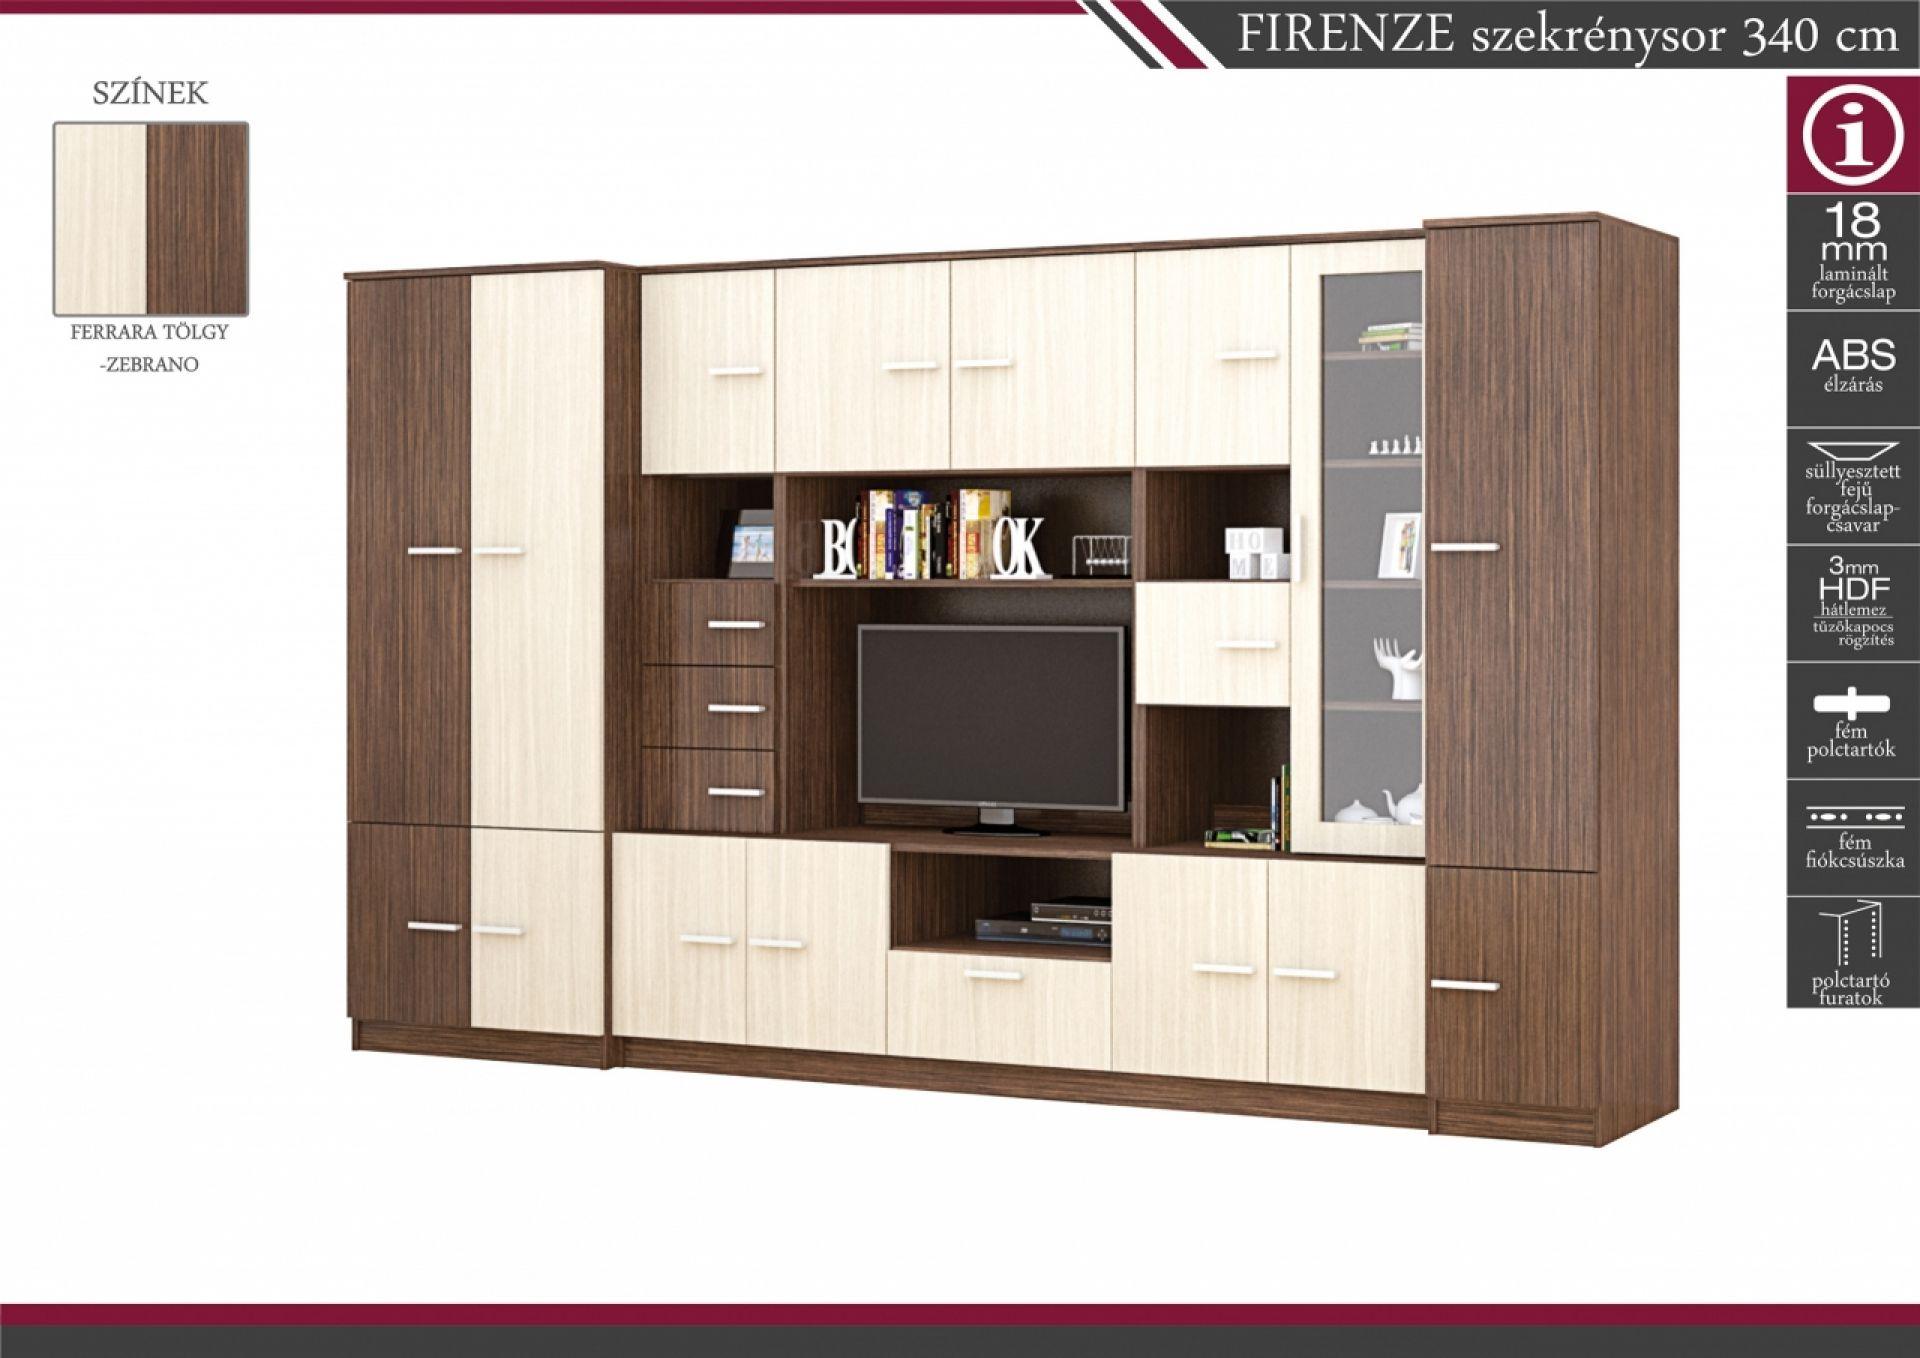 Bútorok olcsón: Nagyszerű nappali szekrénysor honlap itt